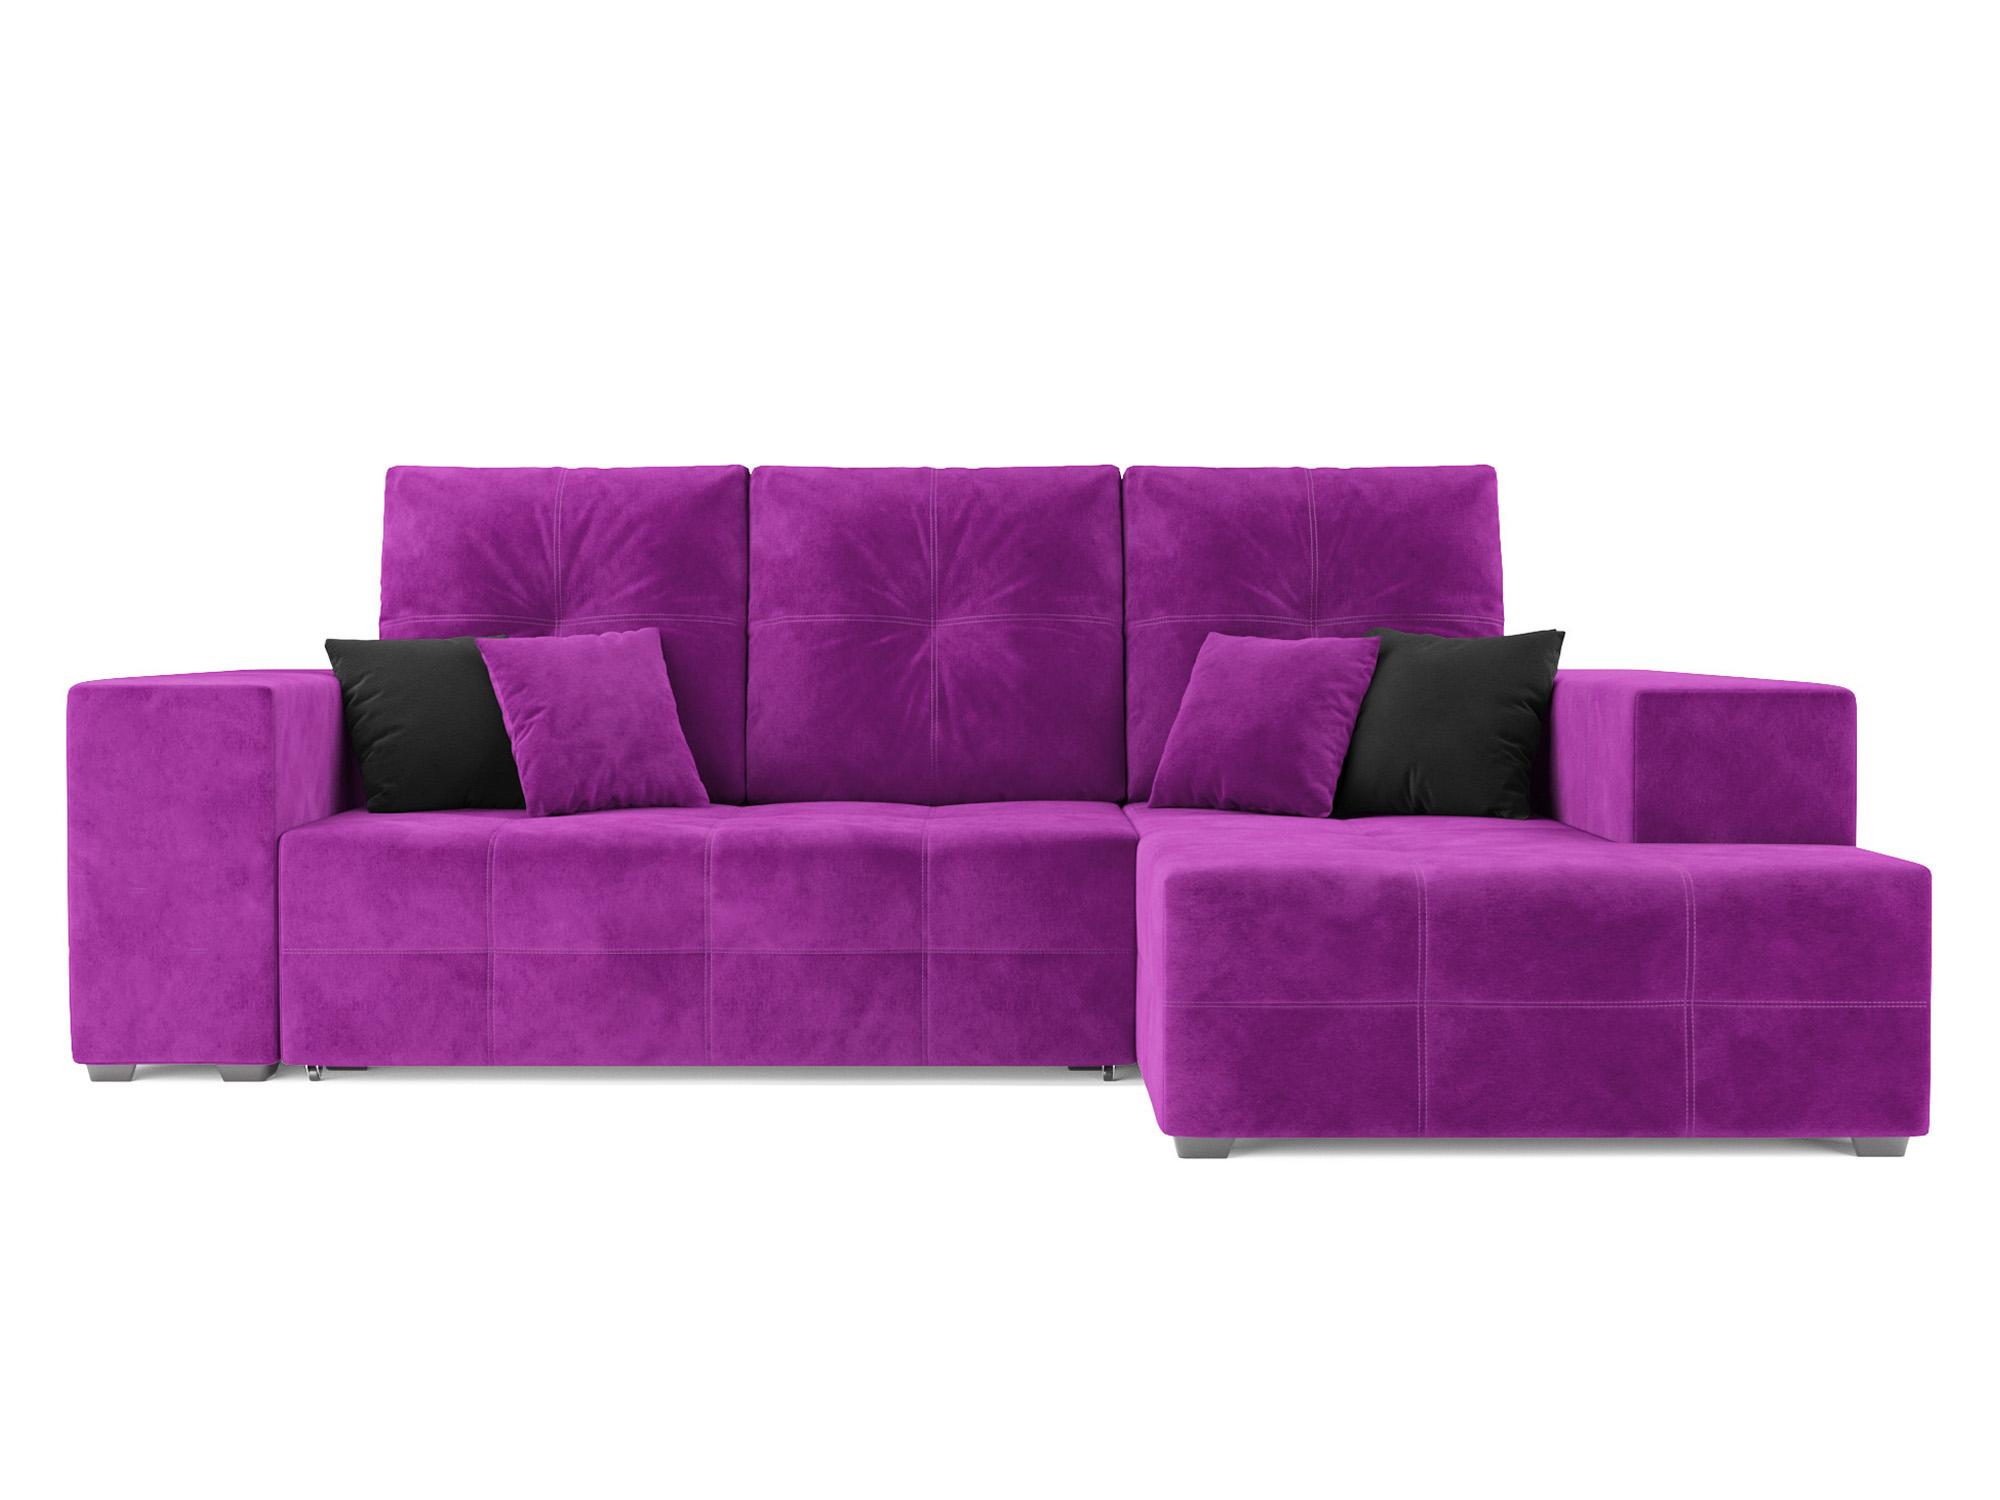 Угловой диван Монреаль Правый угол MebelVia Фиолетовый Фиолетовый